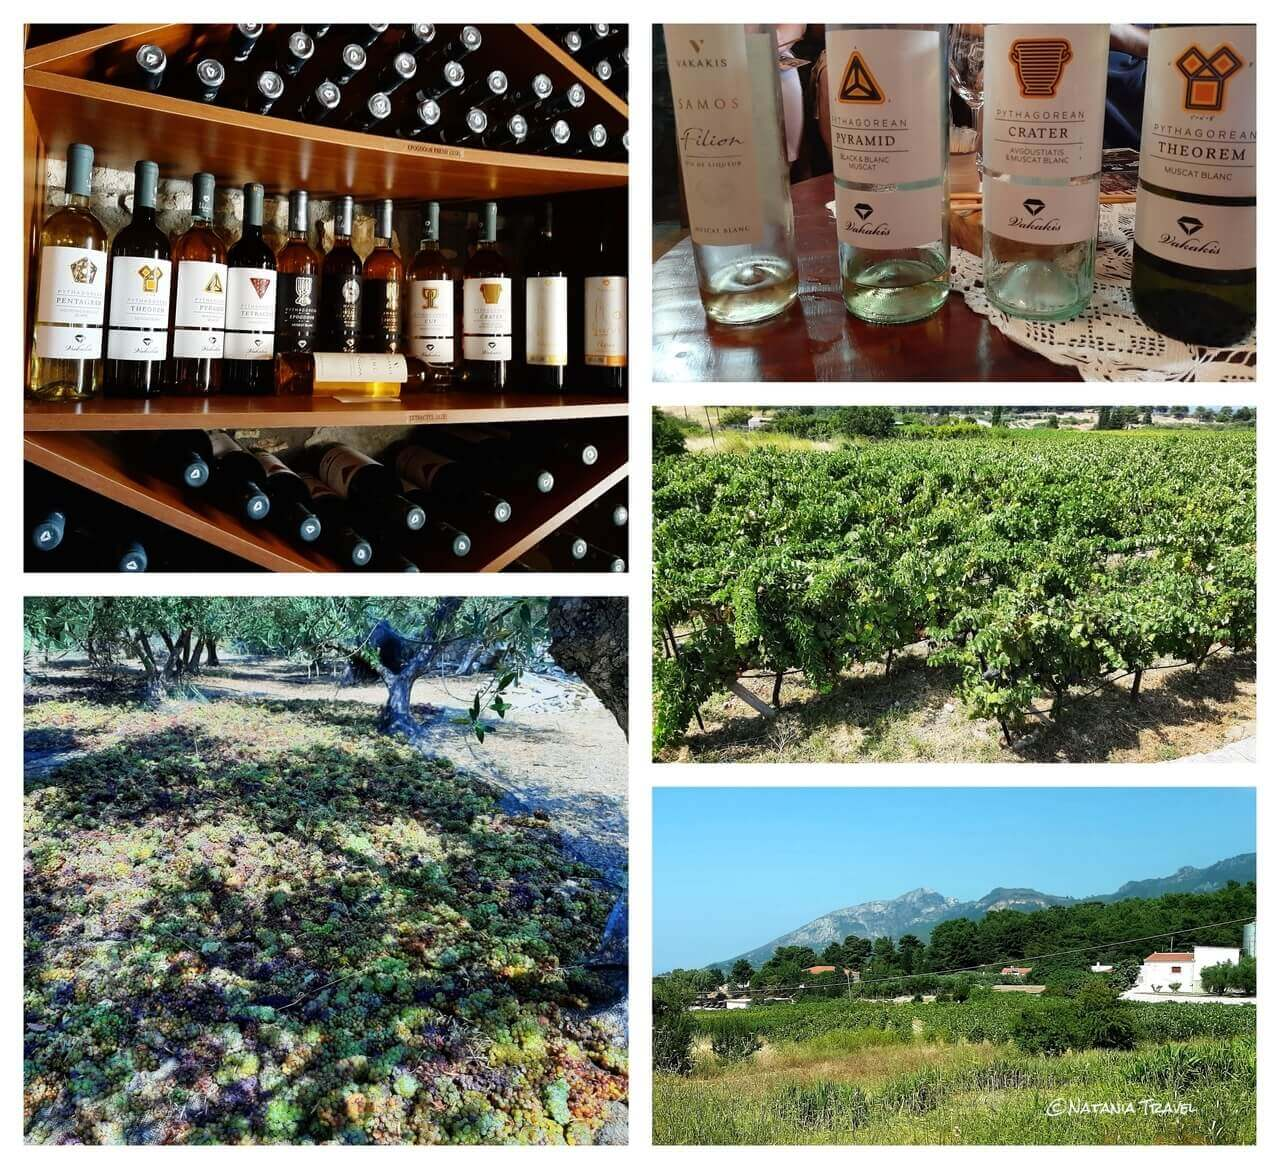 Vakakis winery, Samos